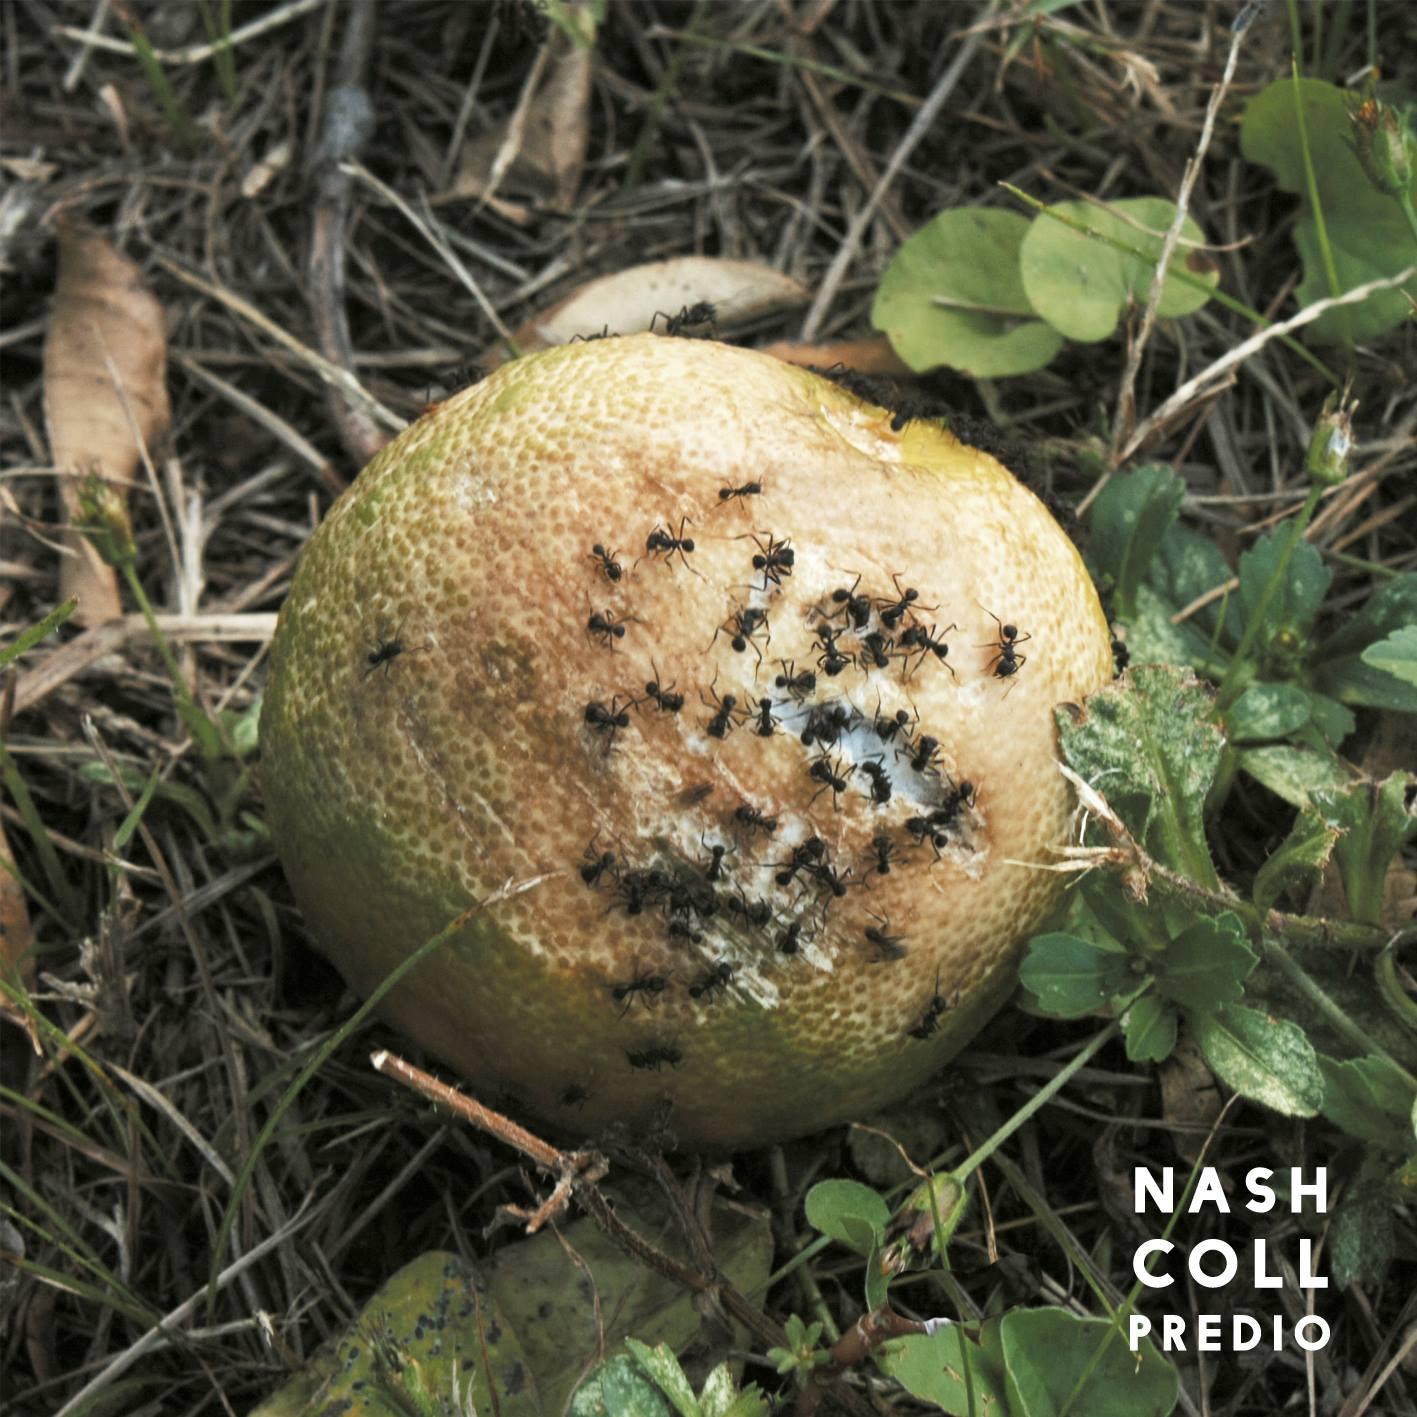 Una voz, mil realidades: Nash Coll presentó Predio